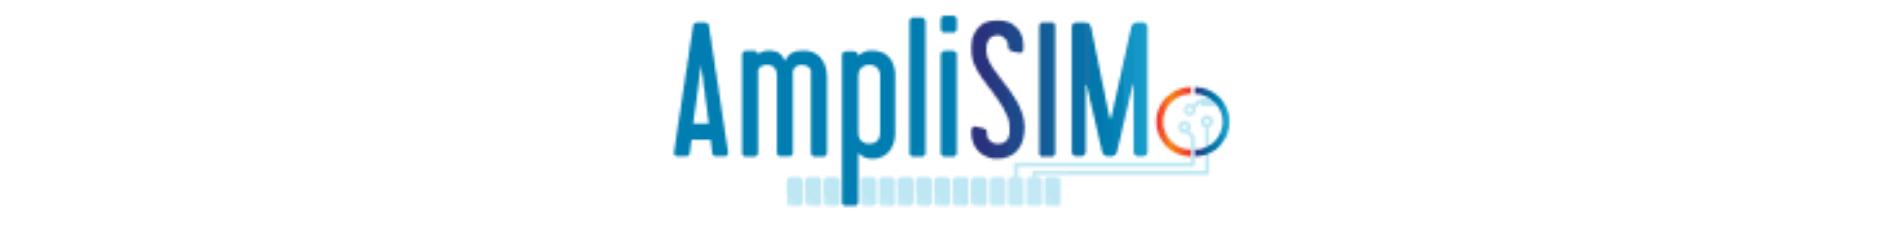 A month, a partner: AmpliSIM